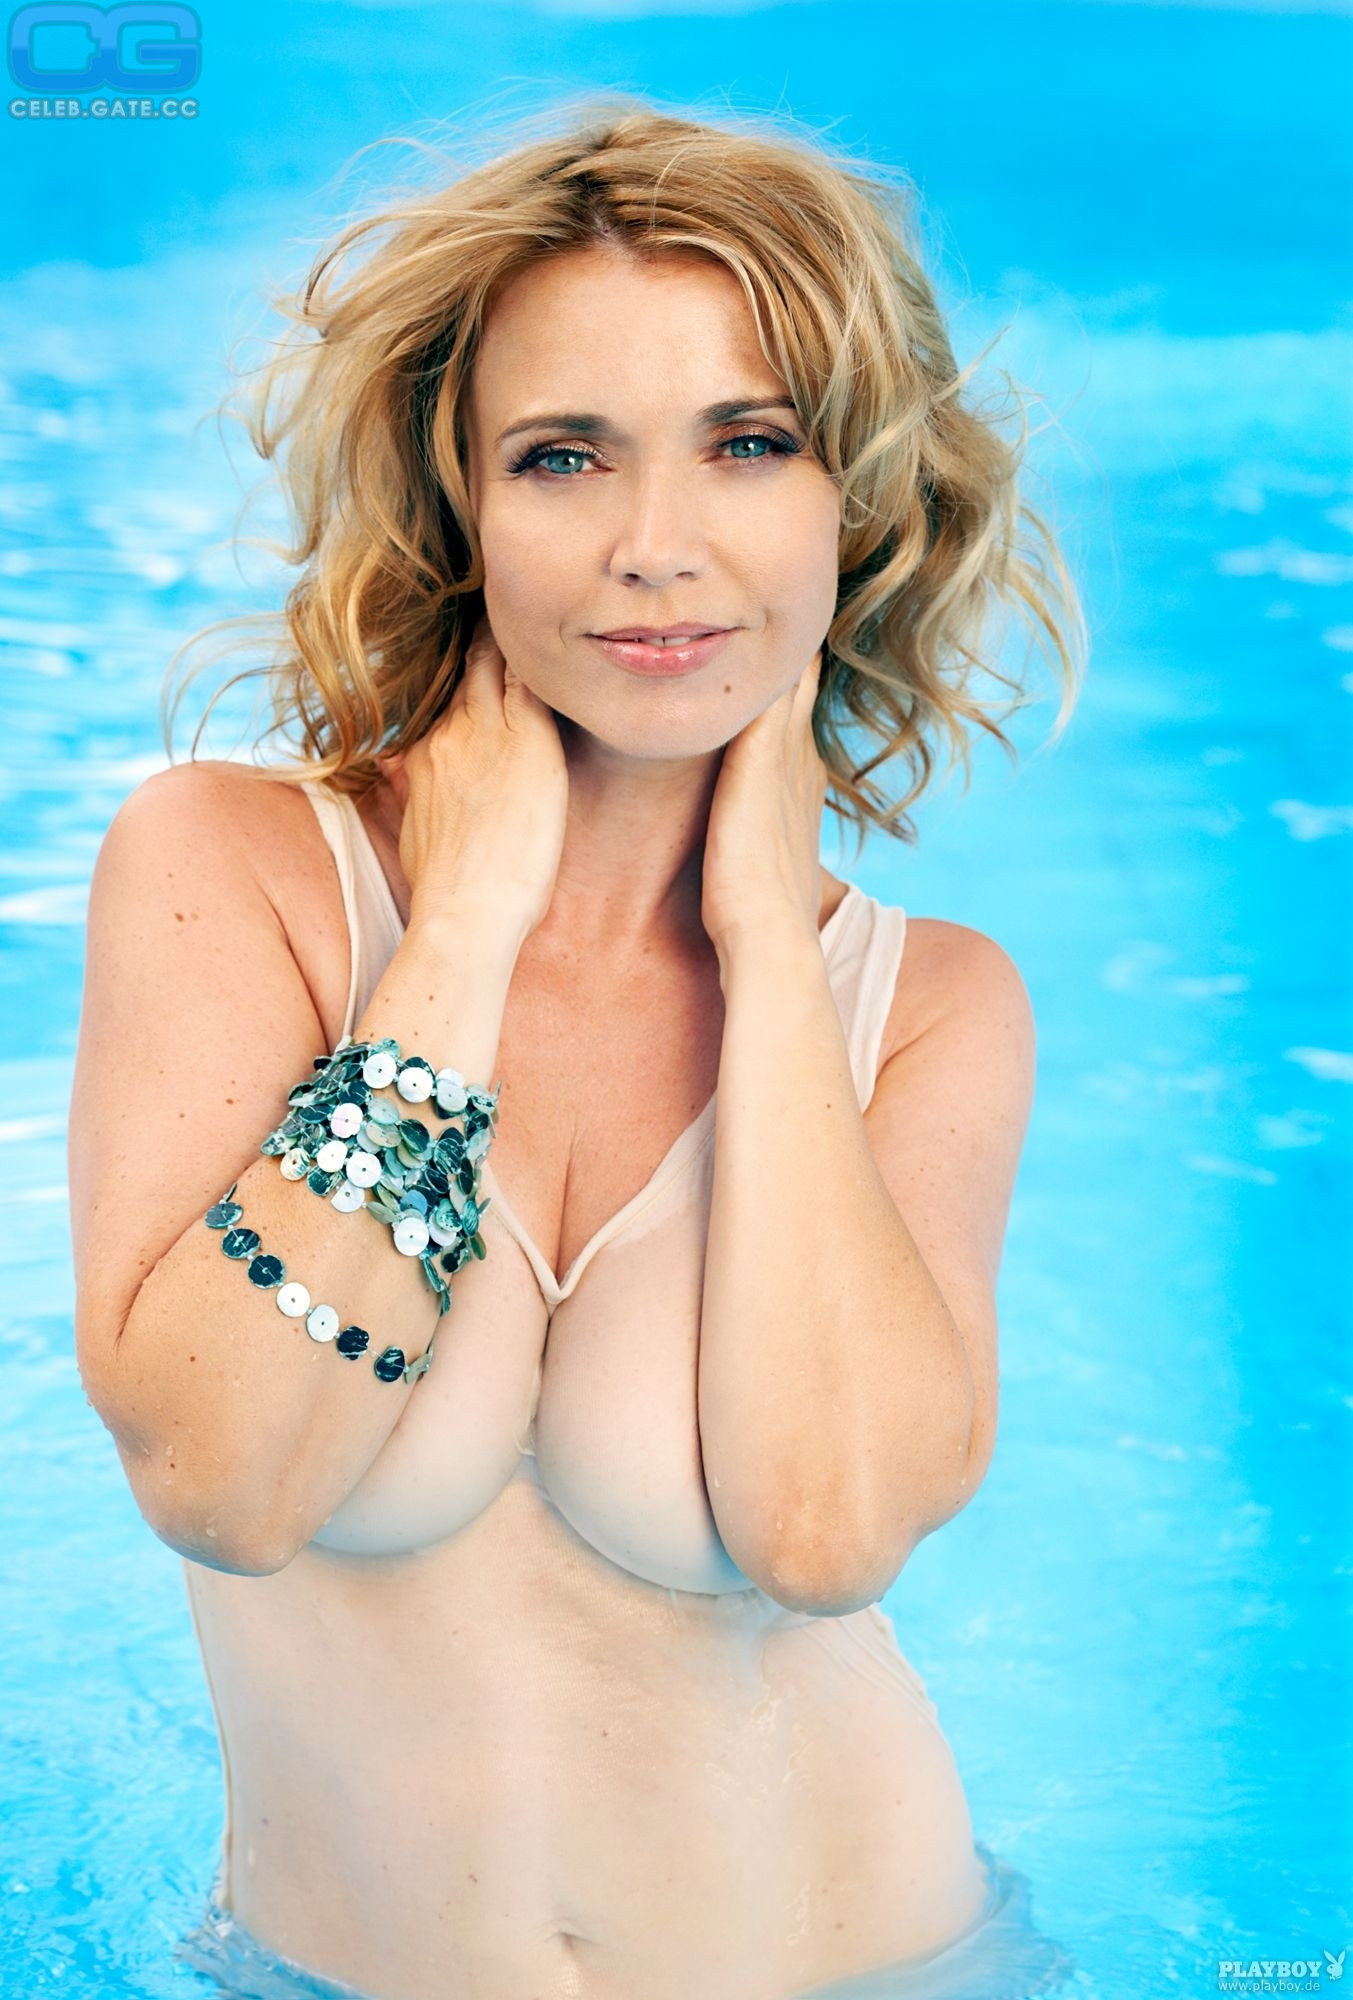 Tina ruland nude